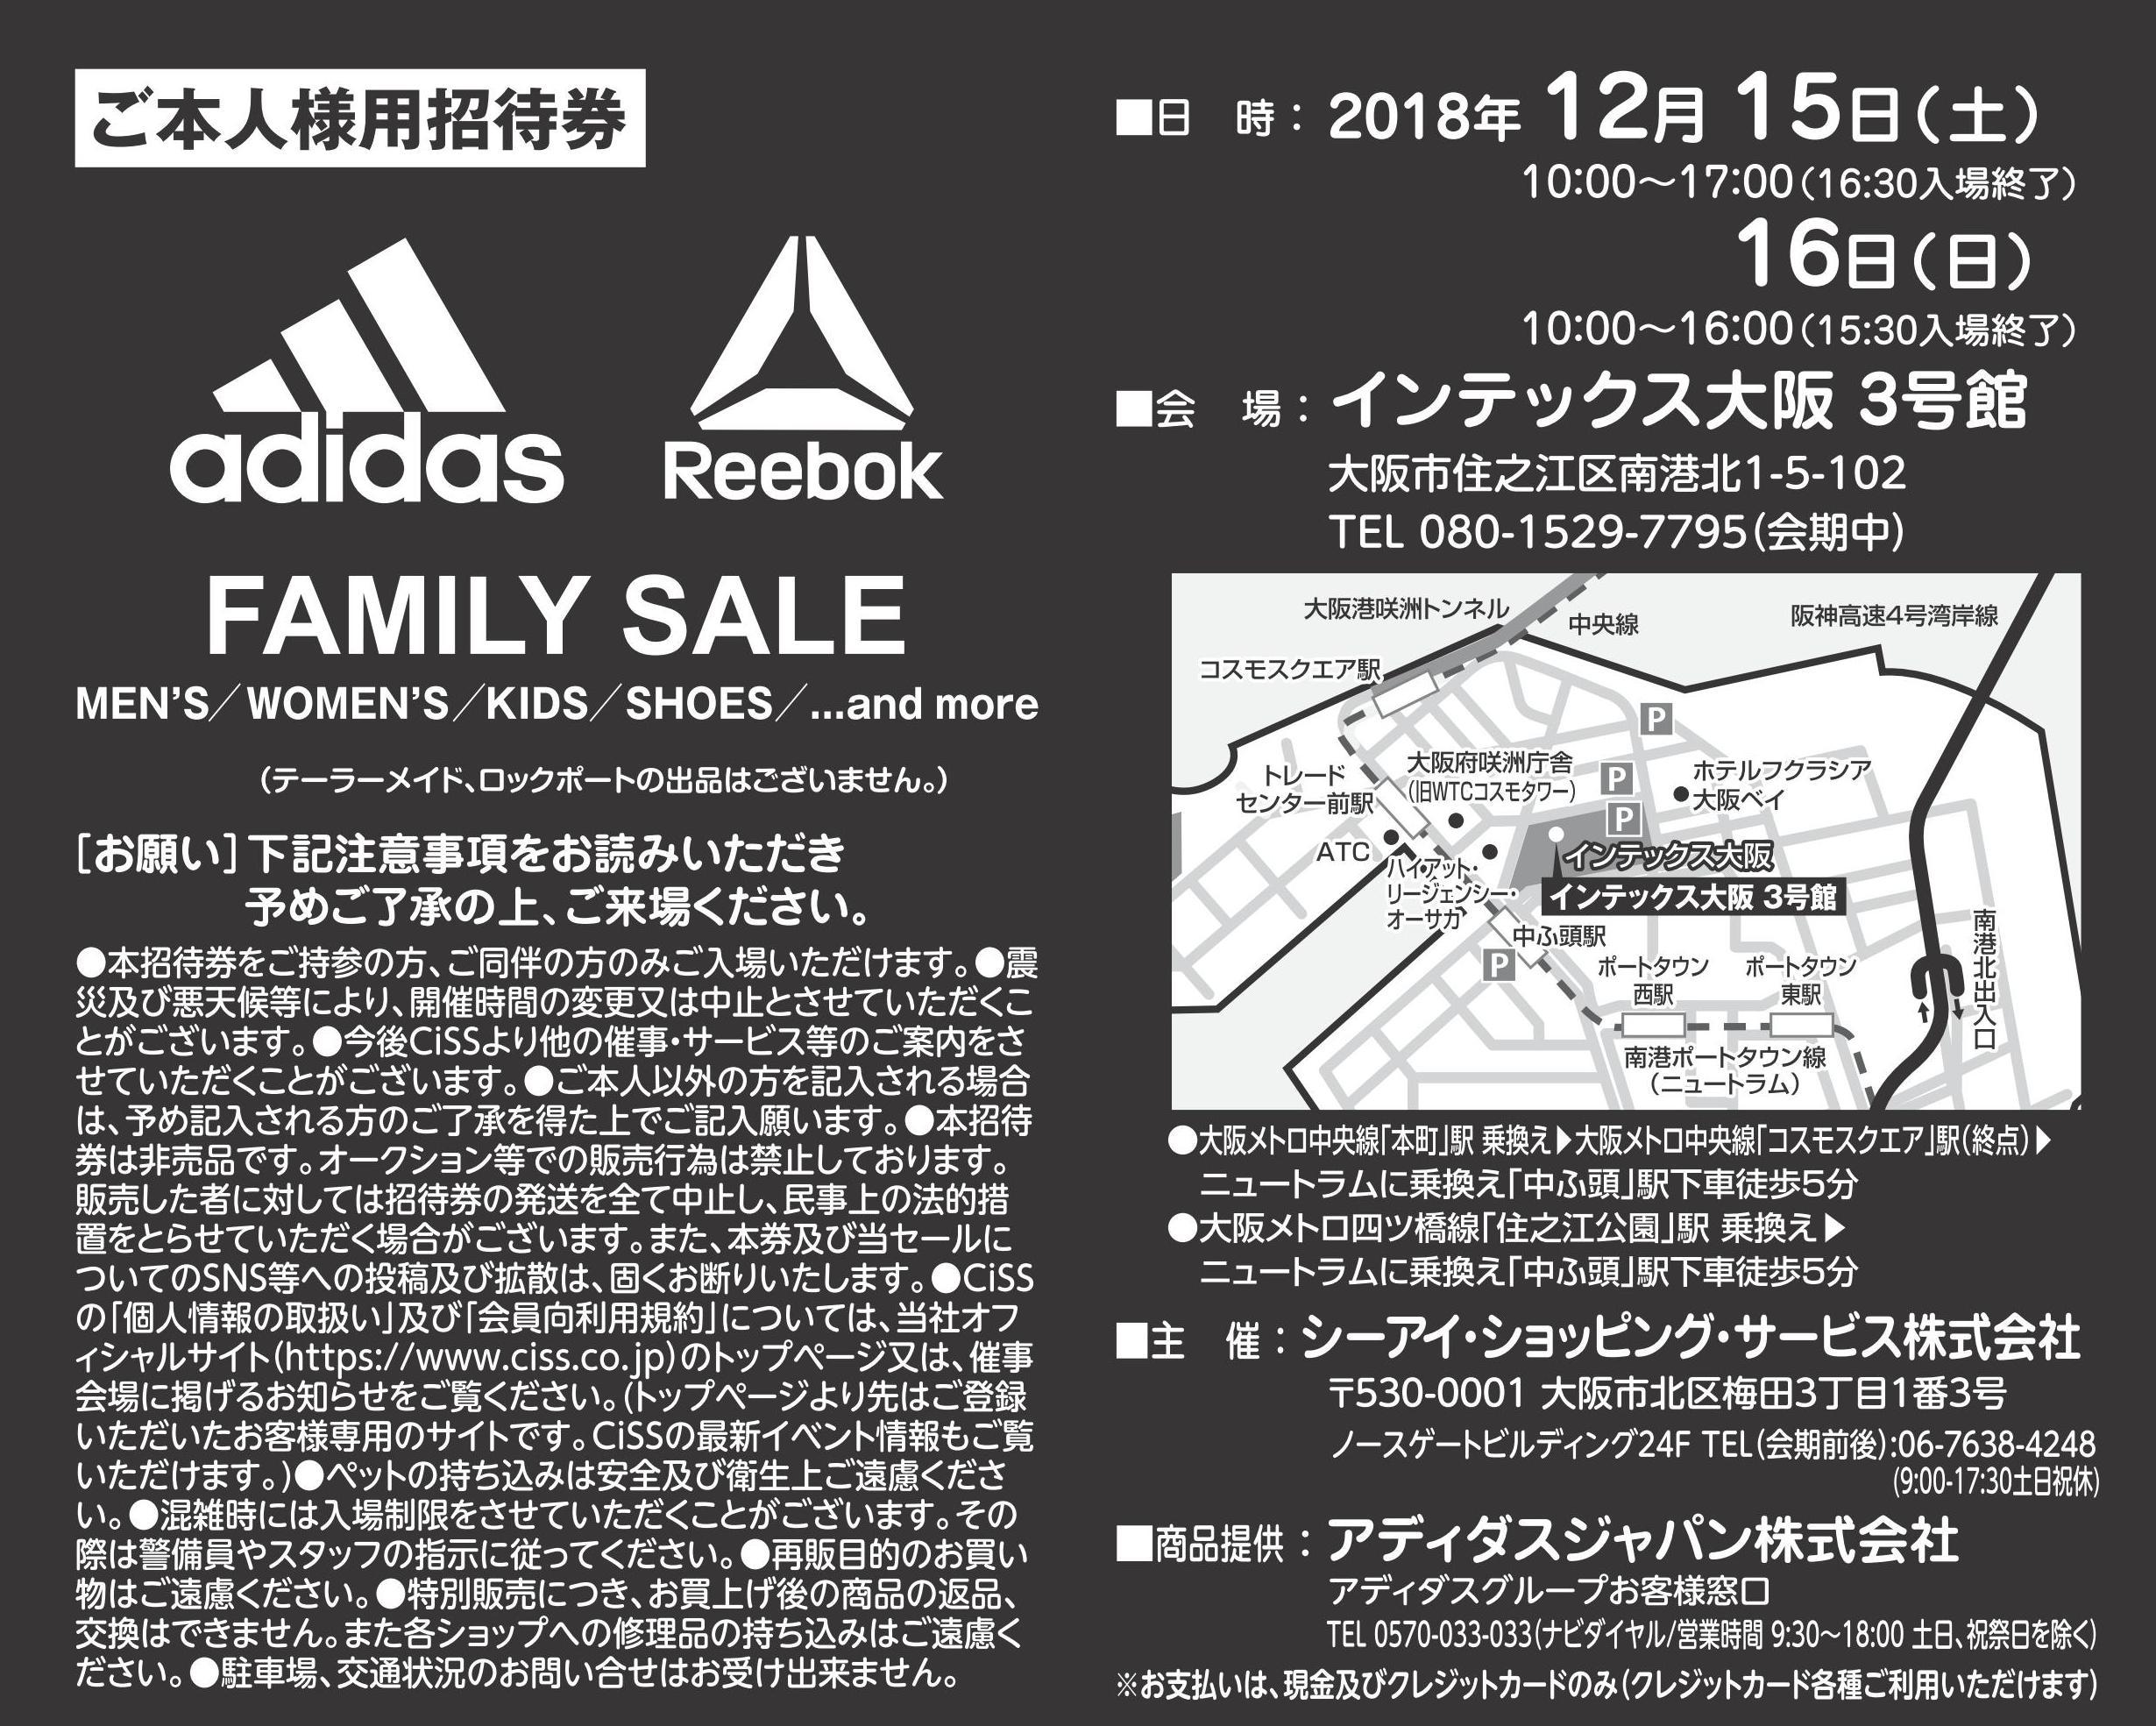 東京 アディダスグループ ファミリーセール2018年12月開催